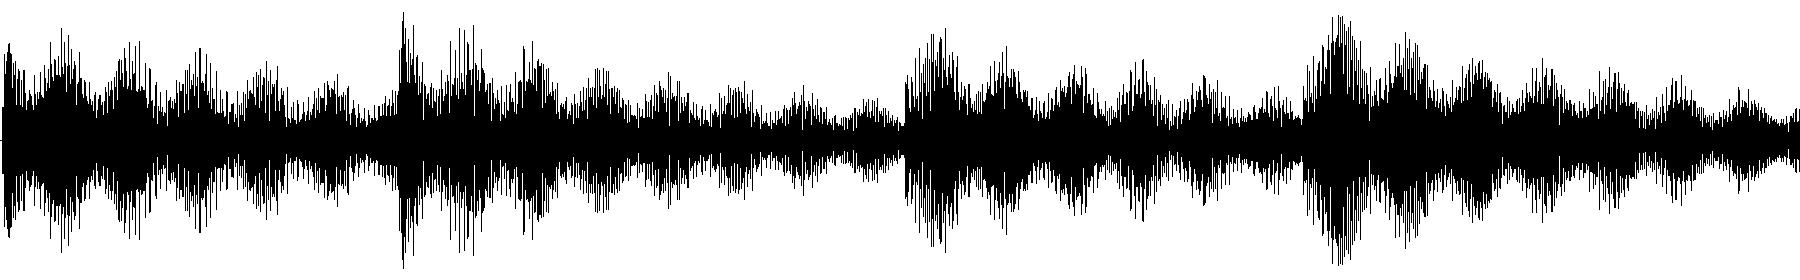 115 e chords 02